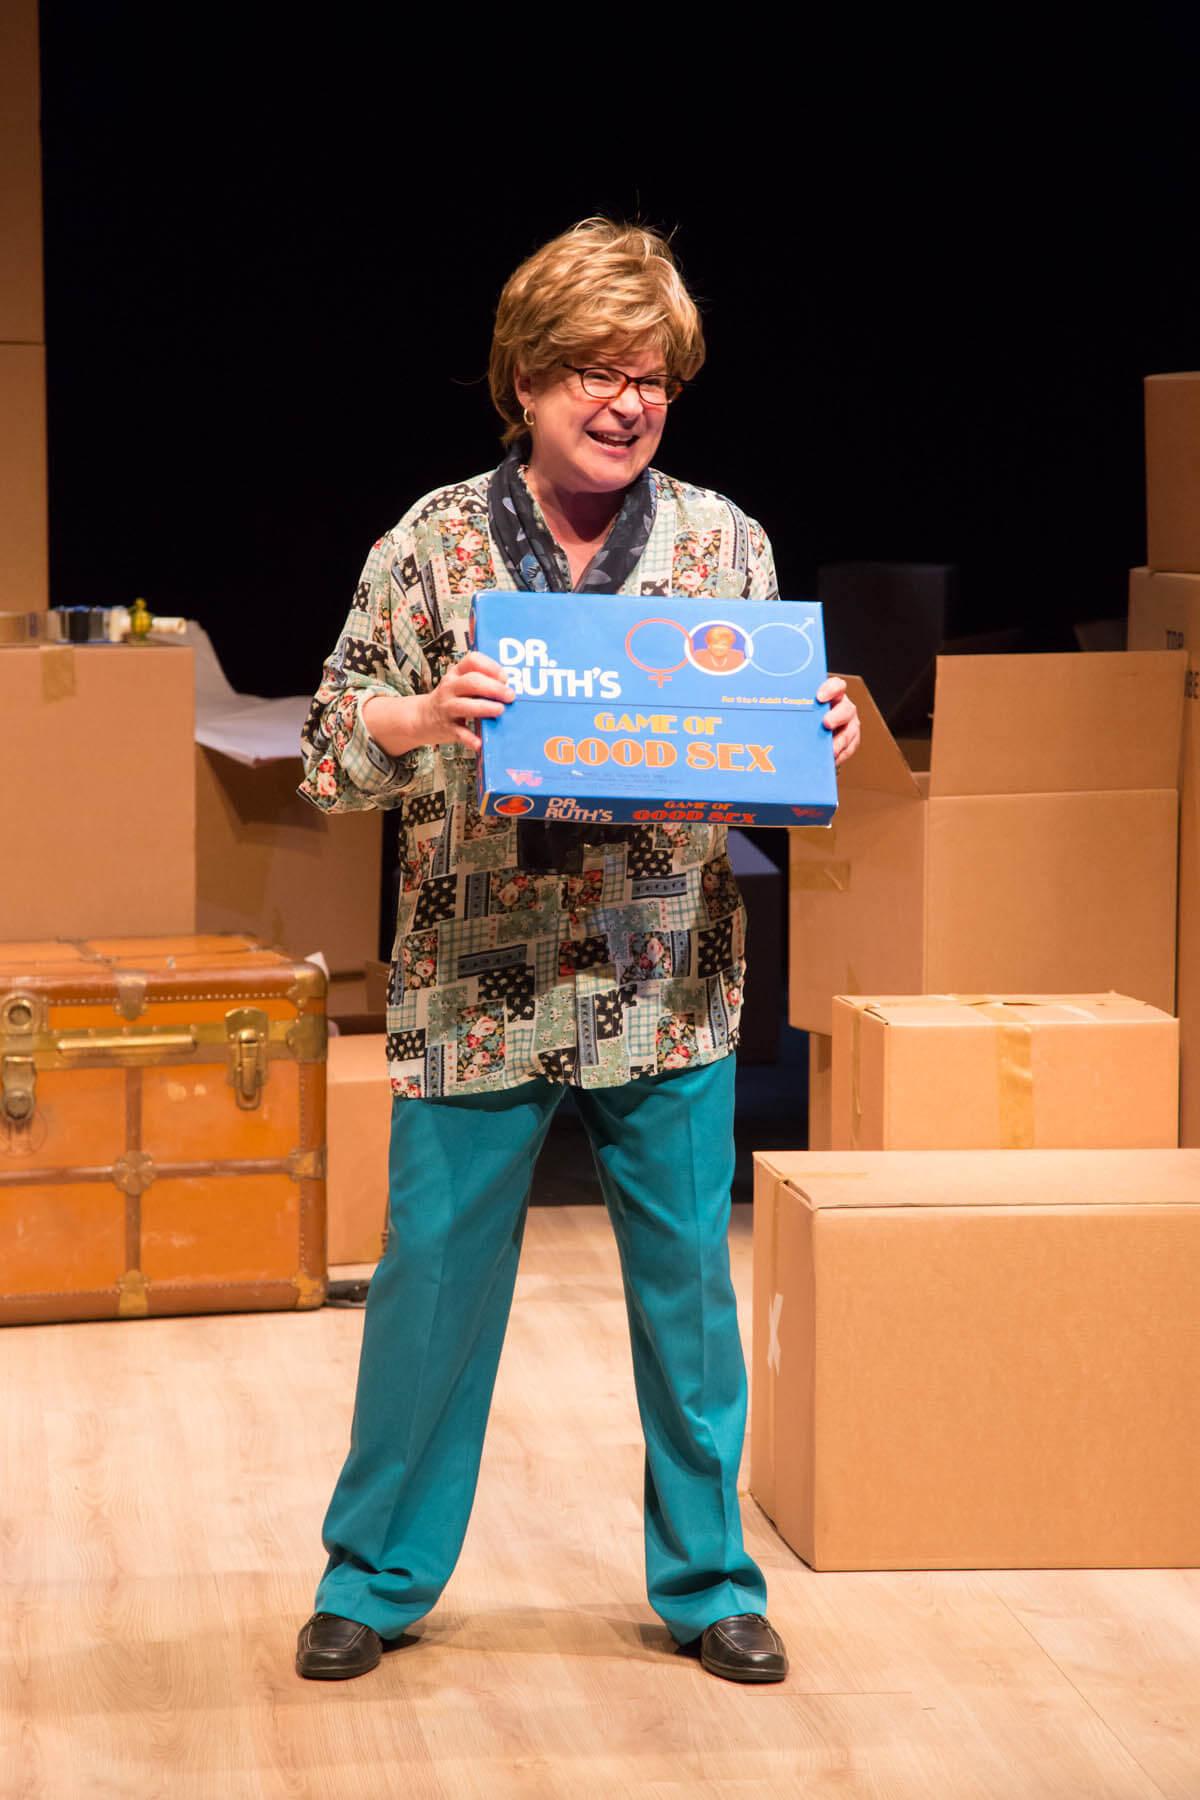 Linda Kash in Becoming Dr. Ruth( Photo: Joanna Akyol)